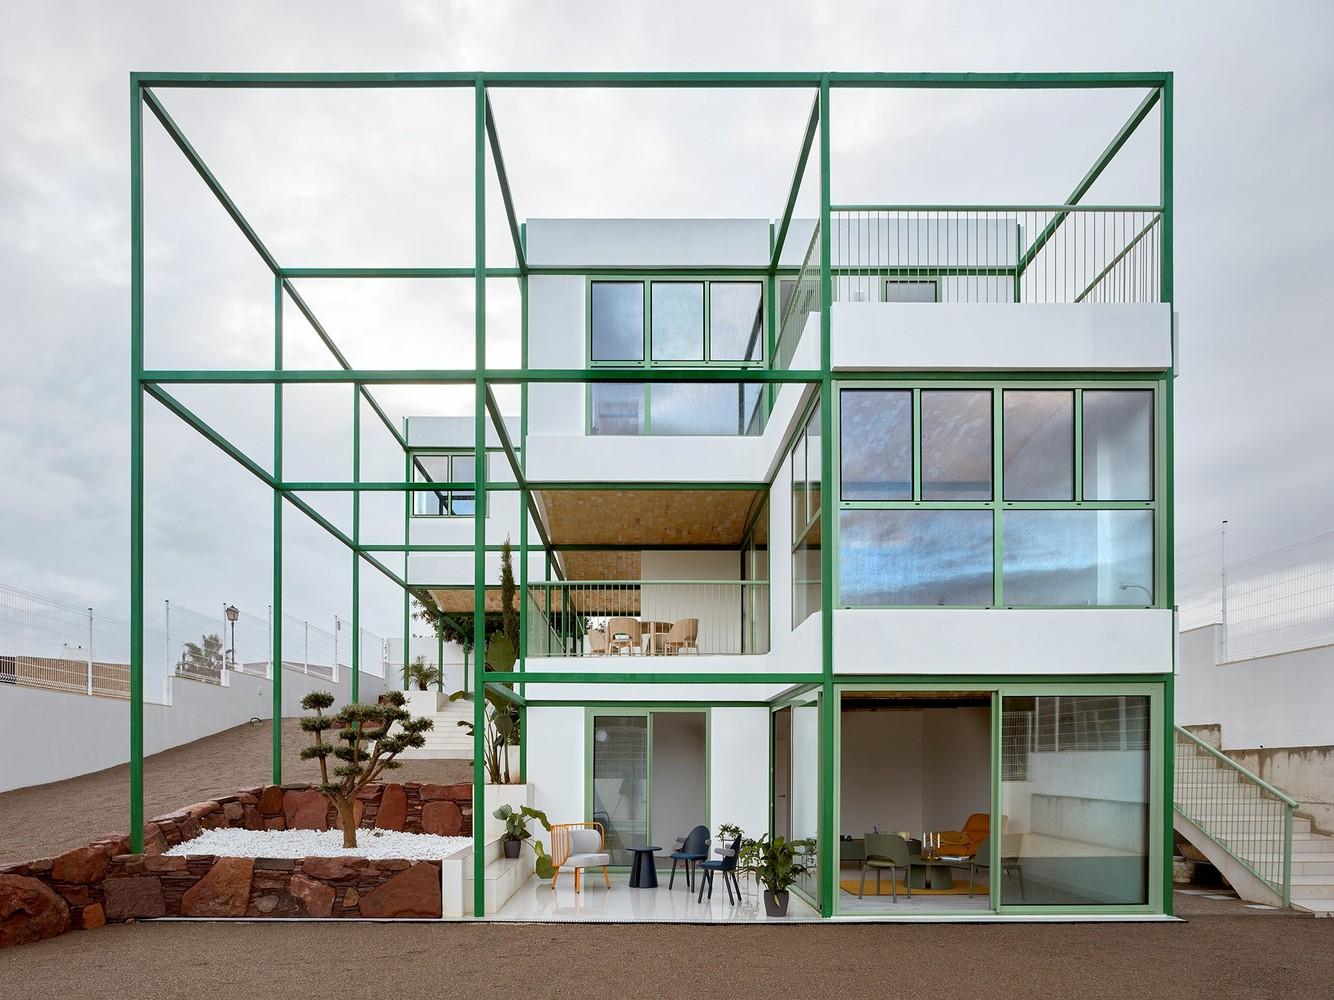 Các xu hướng kiến trúc mới mẻ và nổi bật trên thế giới - Ảnh 22.